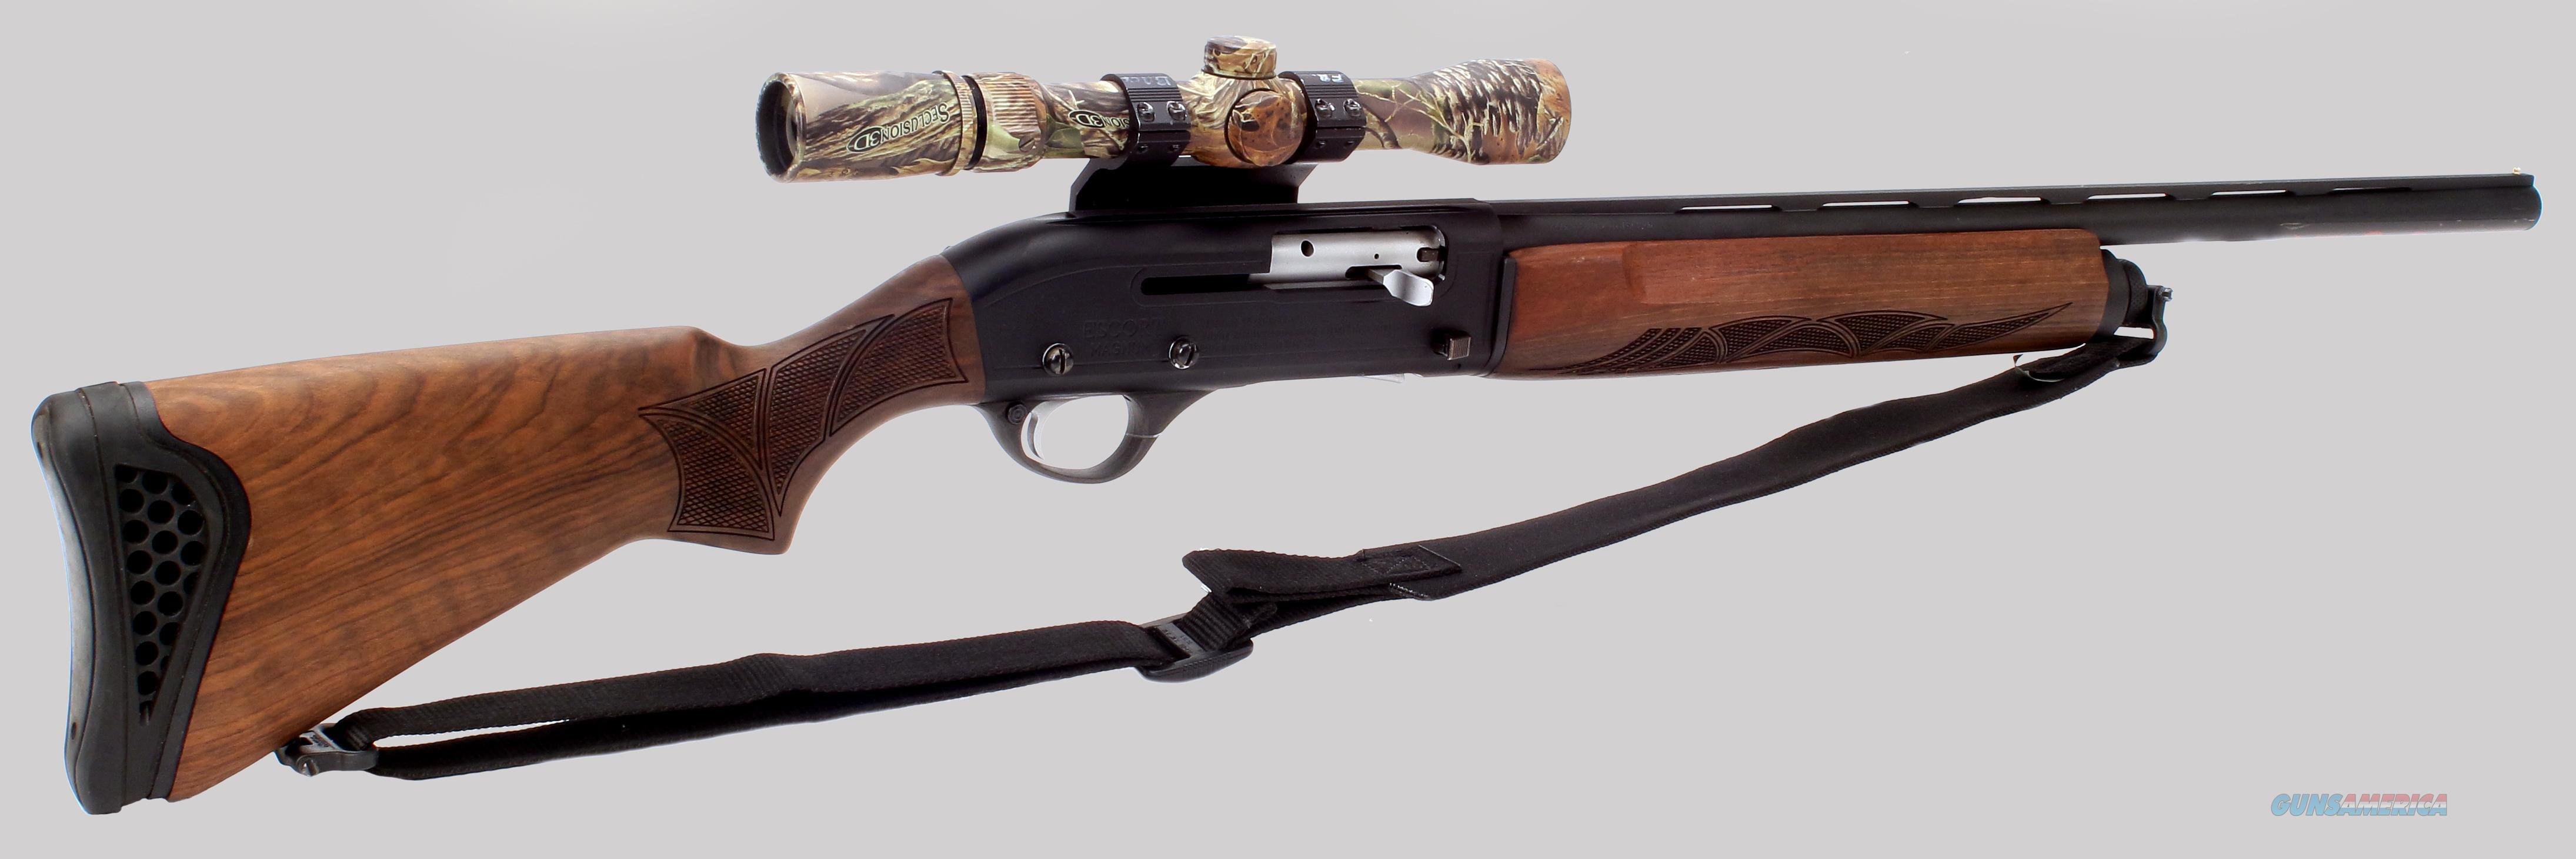 escort 410 shotgun